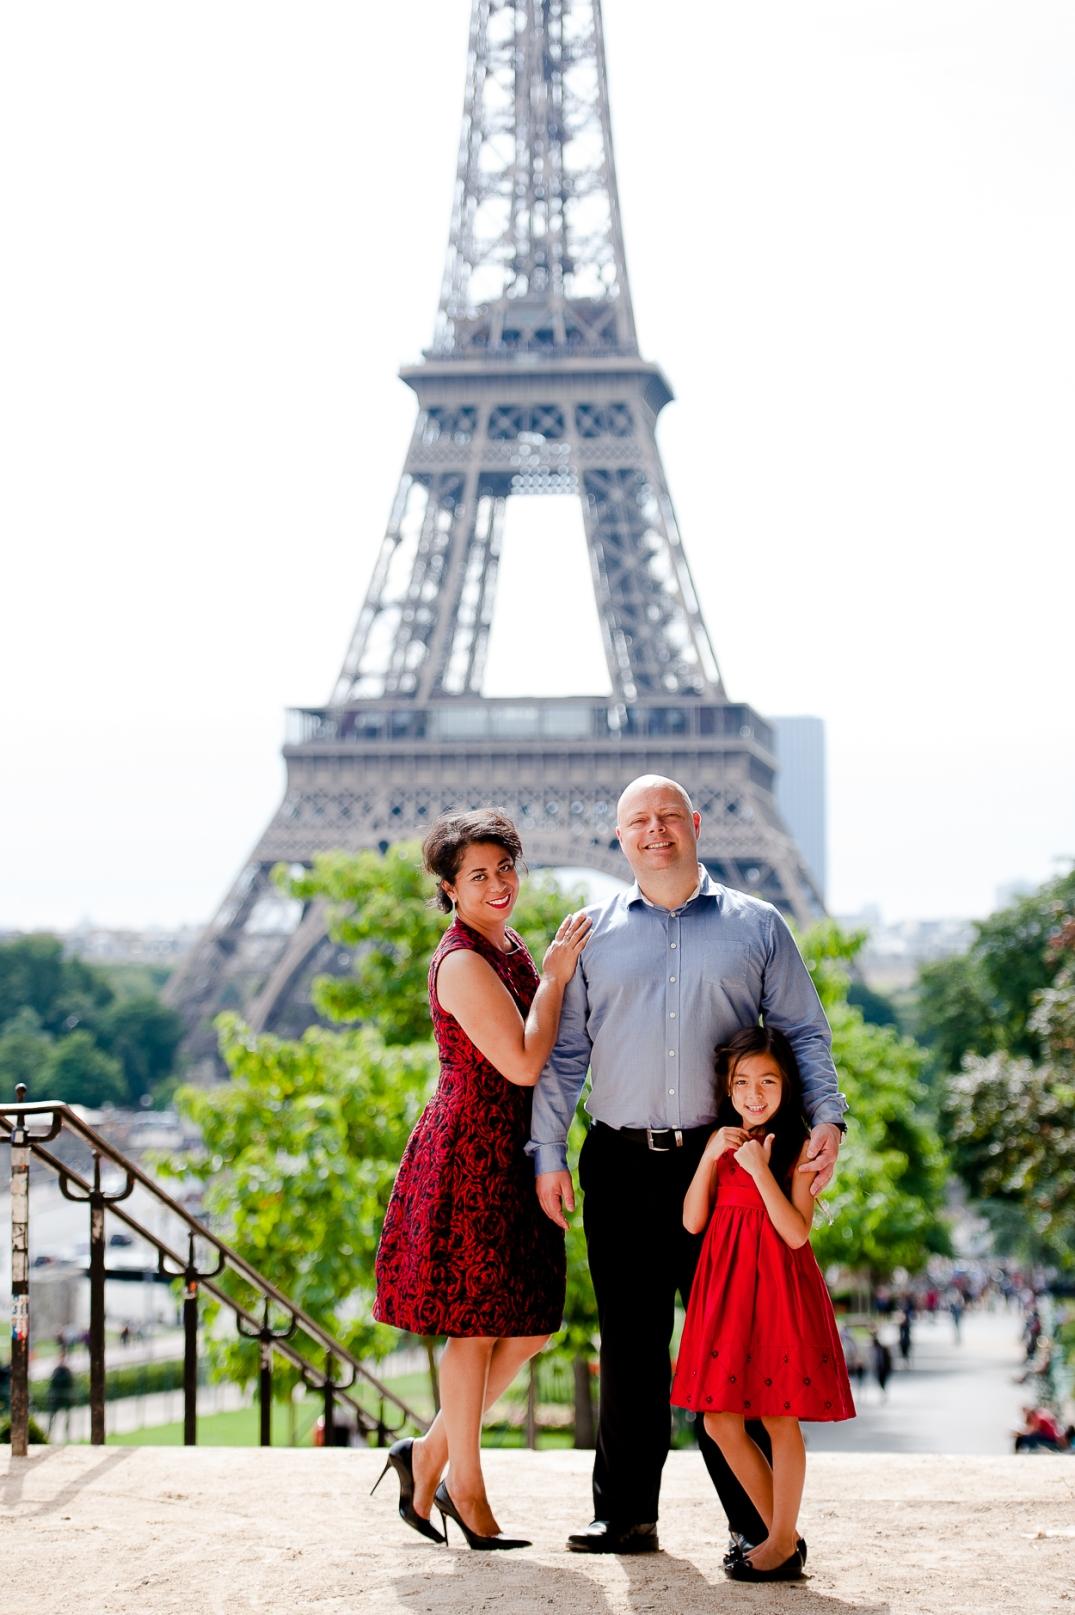 Joyce e familia em paris-0010